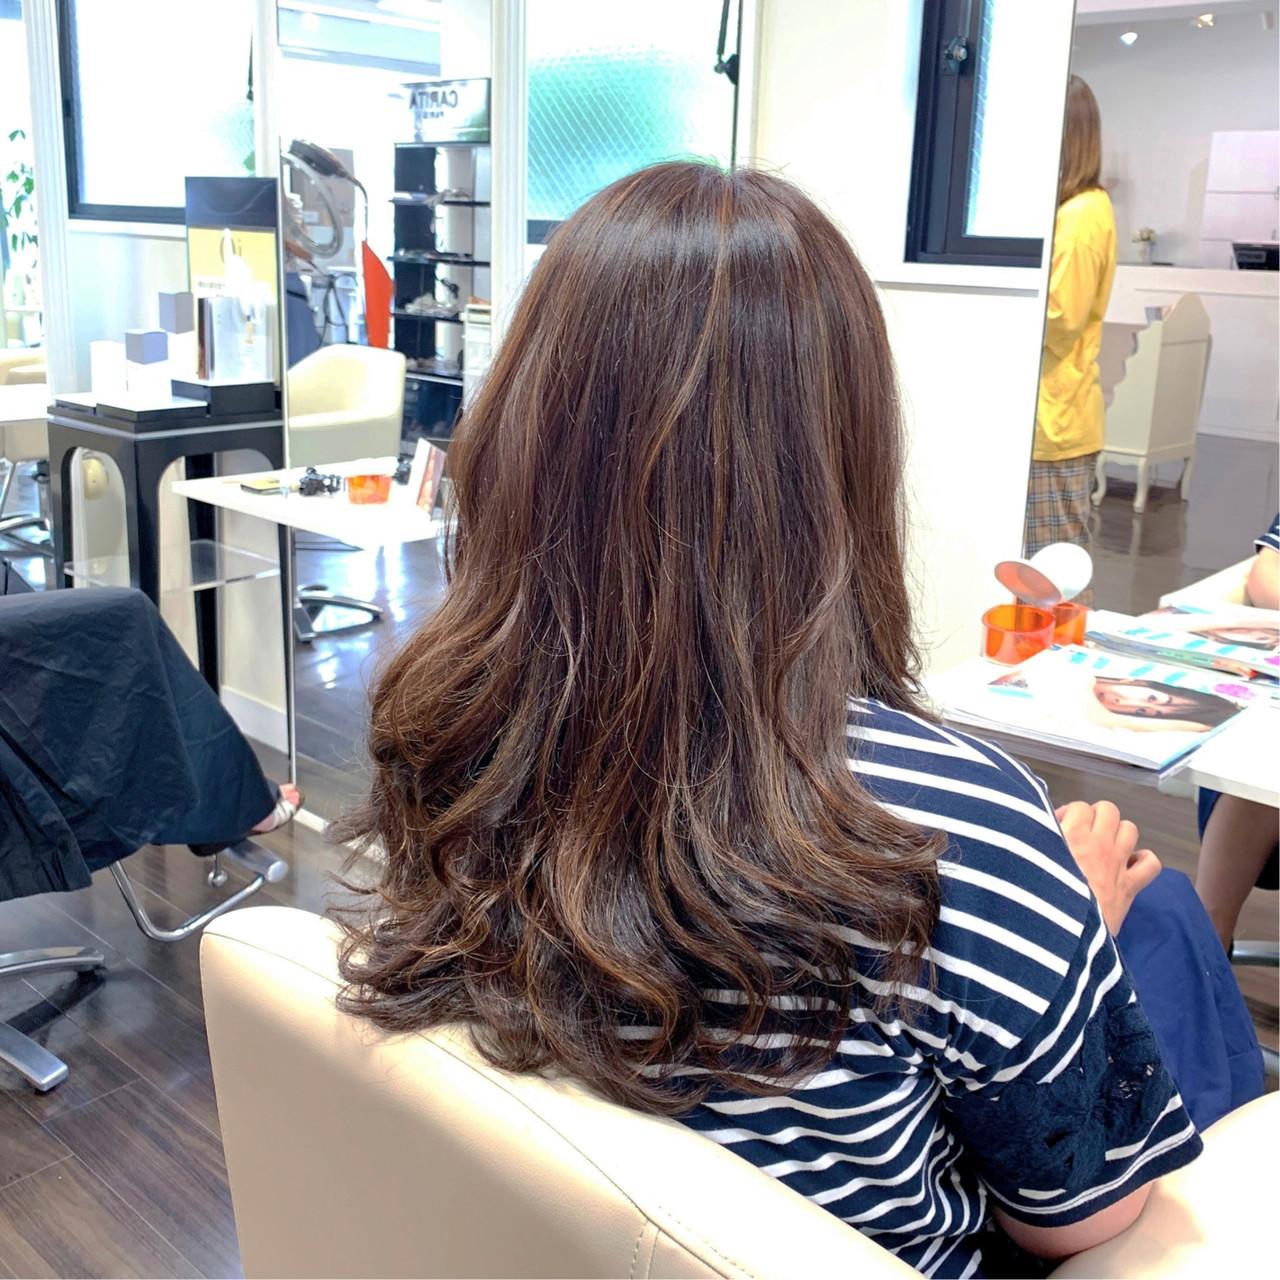 ロング 白髪染め 大人ハイライト 3Dハイライト ヘアスタイルや髪型の写真・画像 | ゴトウタカヒロ / la★muse resort